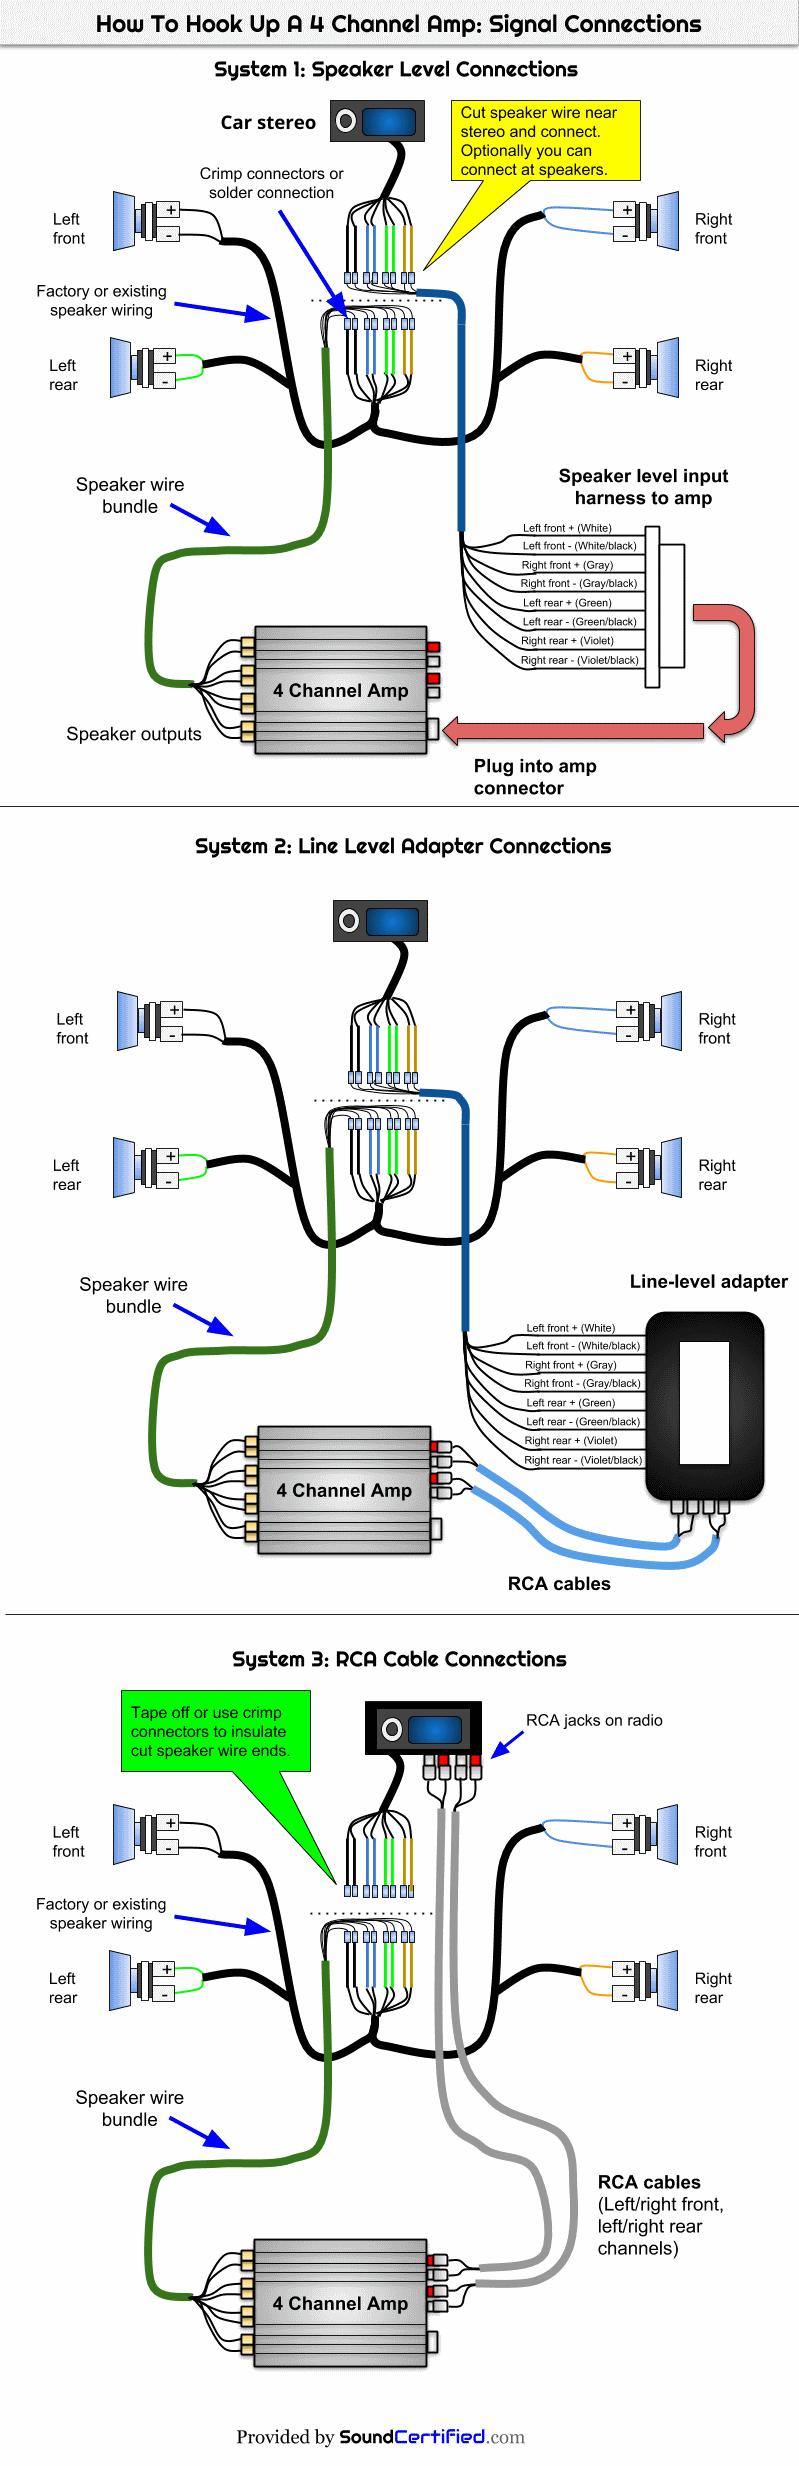 Unique Wiring Diagram For Amp Gauge Diagram Diagramtemplate Diagramsample Diagrama De Instalacion Electrica Mecanico De Autos Instalacion Electrica